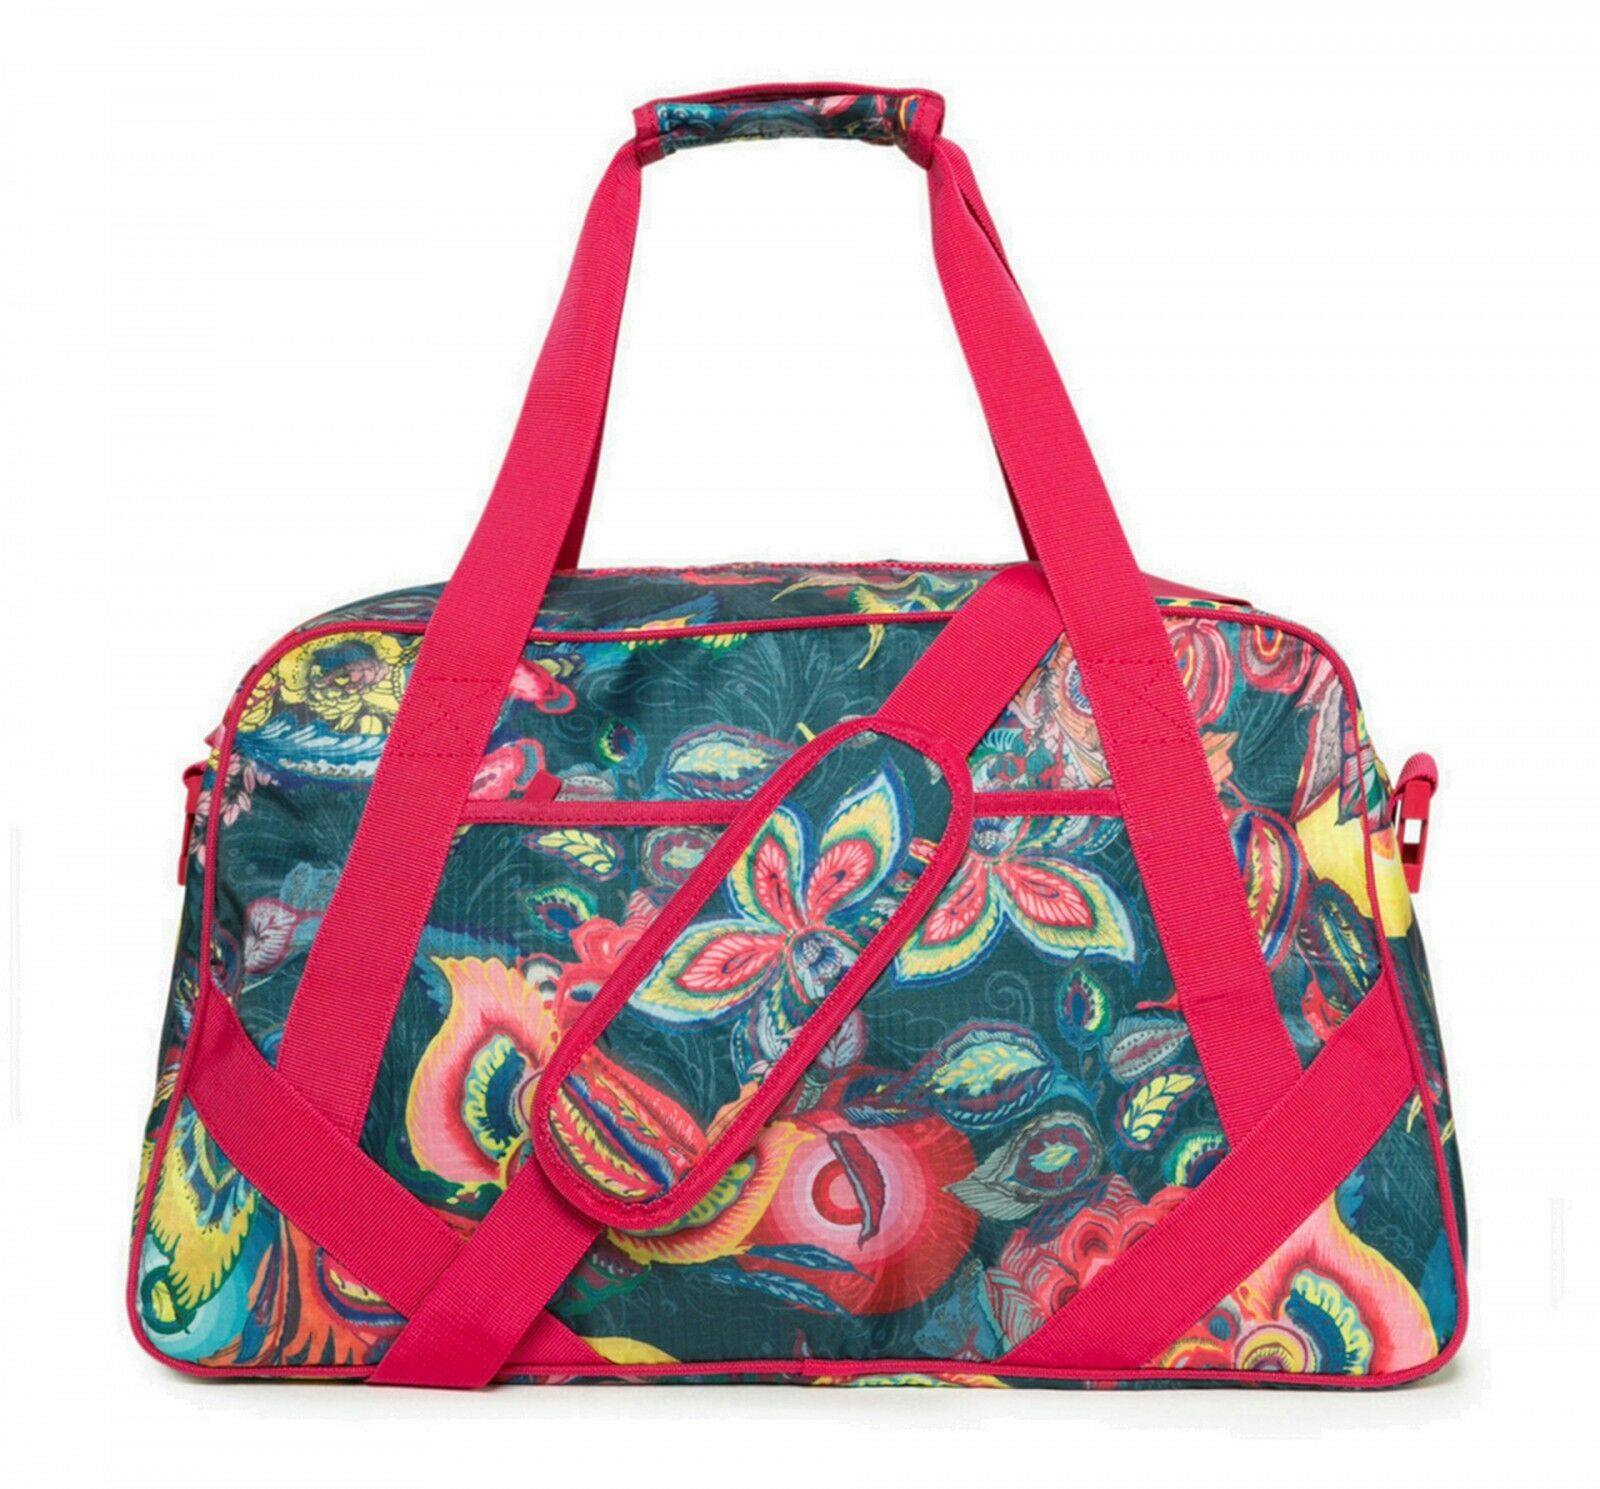 Desigual Galactic Bloom Gym Bag Sporttasche Umhängetasche Tasche